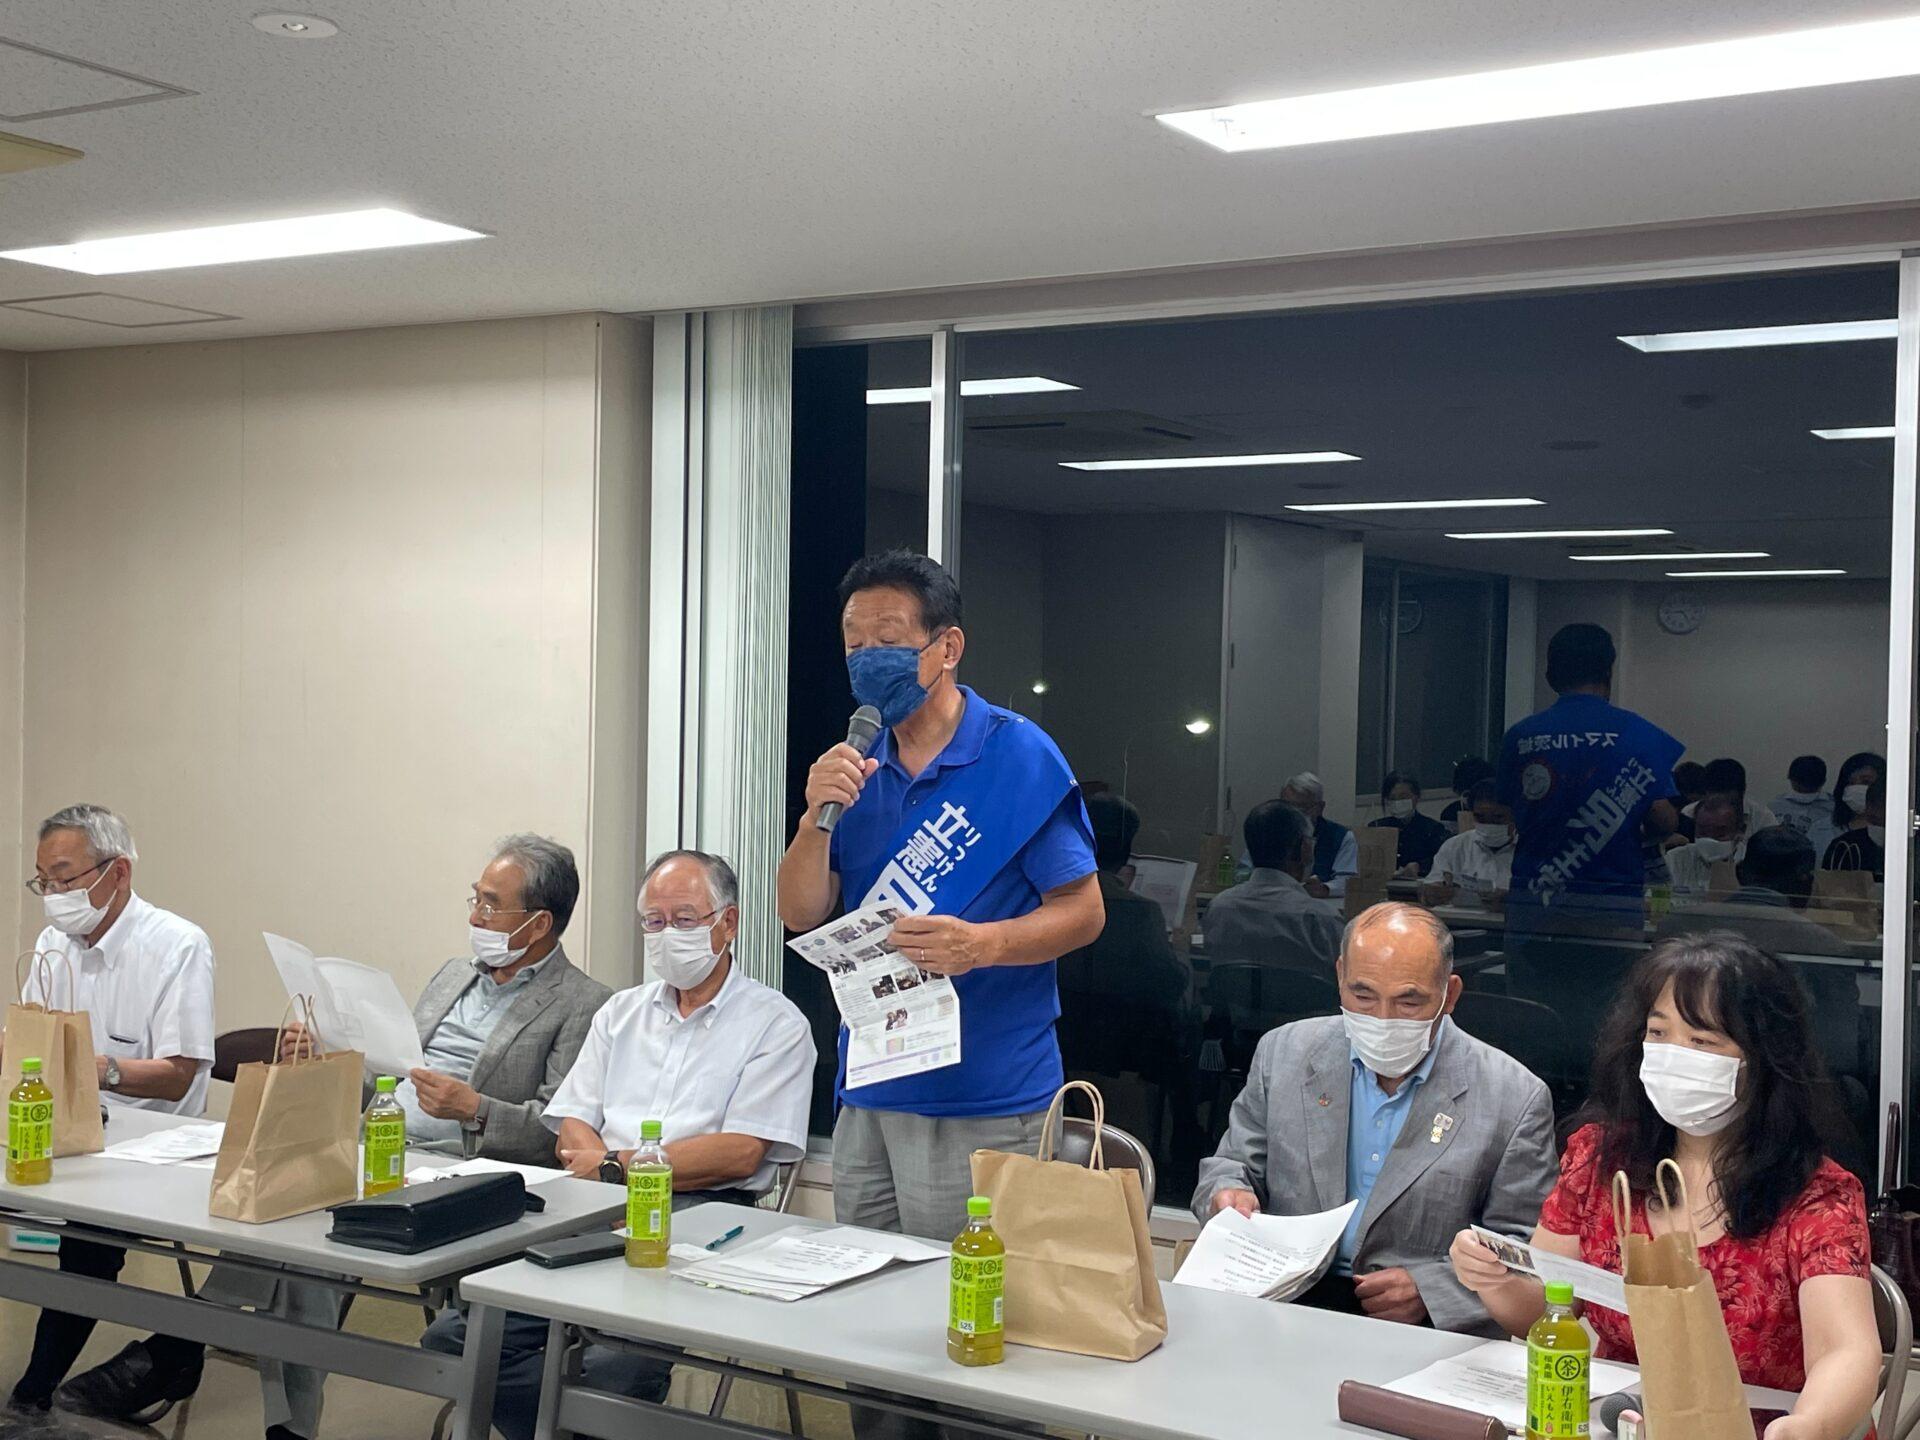 柔道ベテランズ国際大会の金メダリストの羽生利彦さんが応援に駆